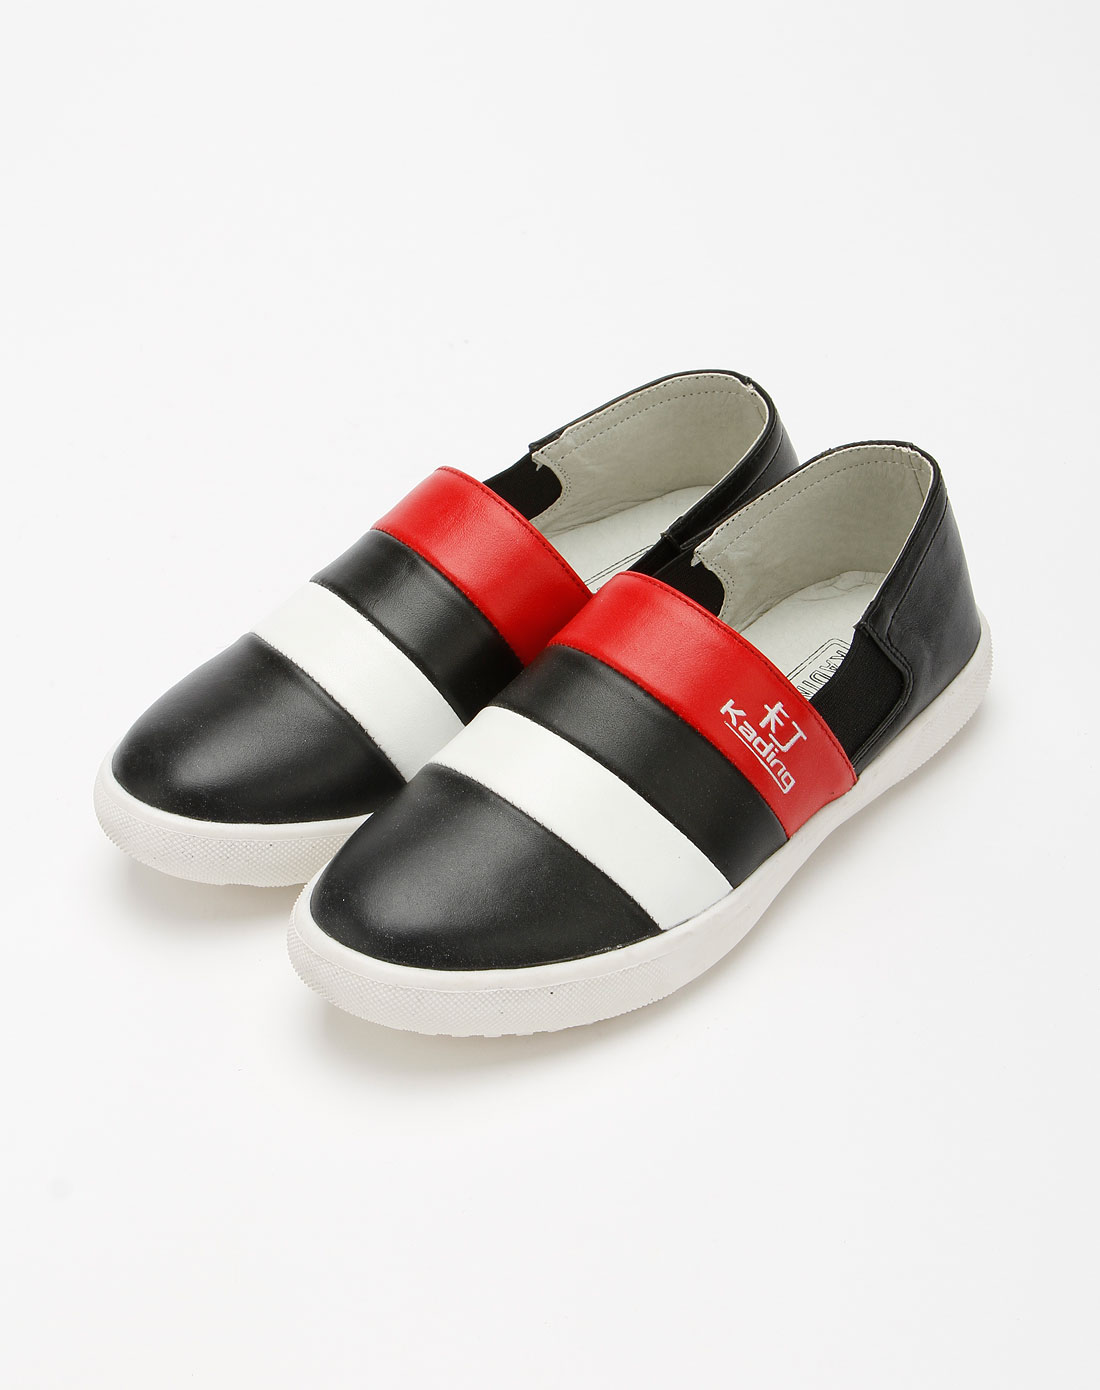 卡丁童鞋女童黑/红/白色简约皮鞋